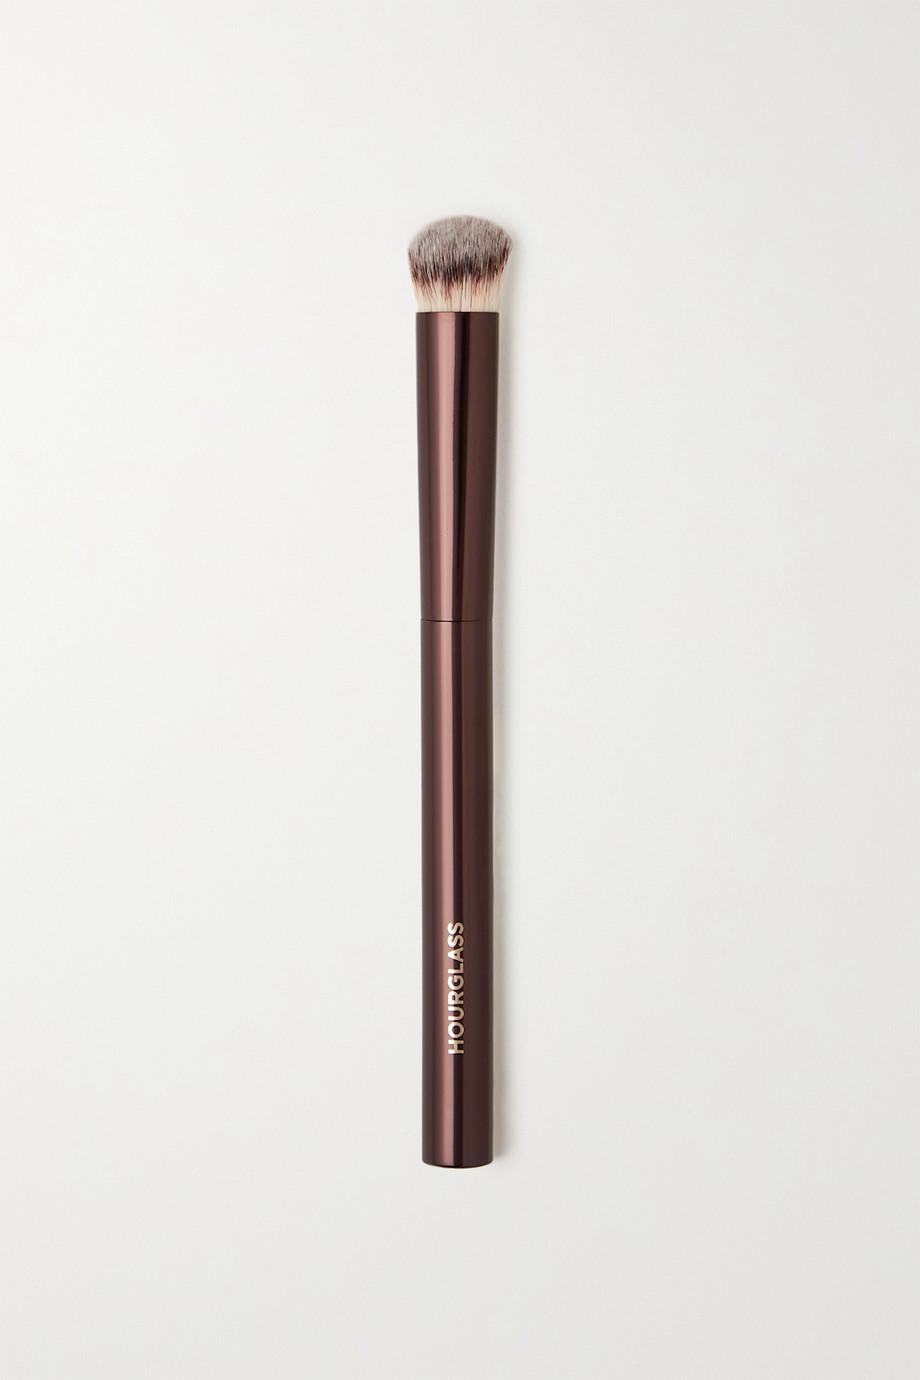 Hourglass Vanish Seamless Finish Concealer Brush